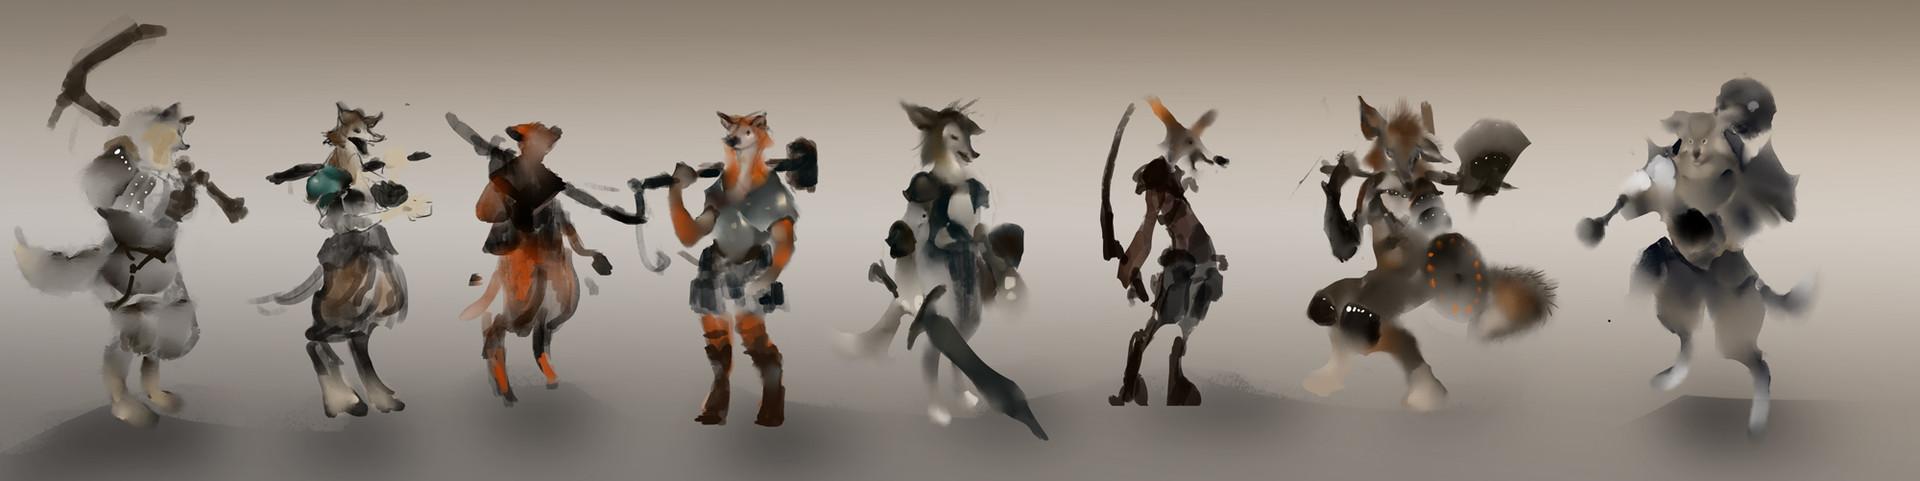 Sengkry chhour wolf conceptsketch 13v2